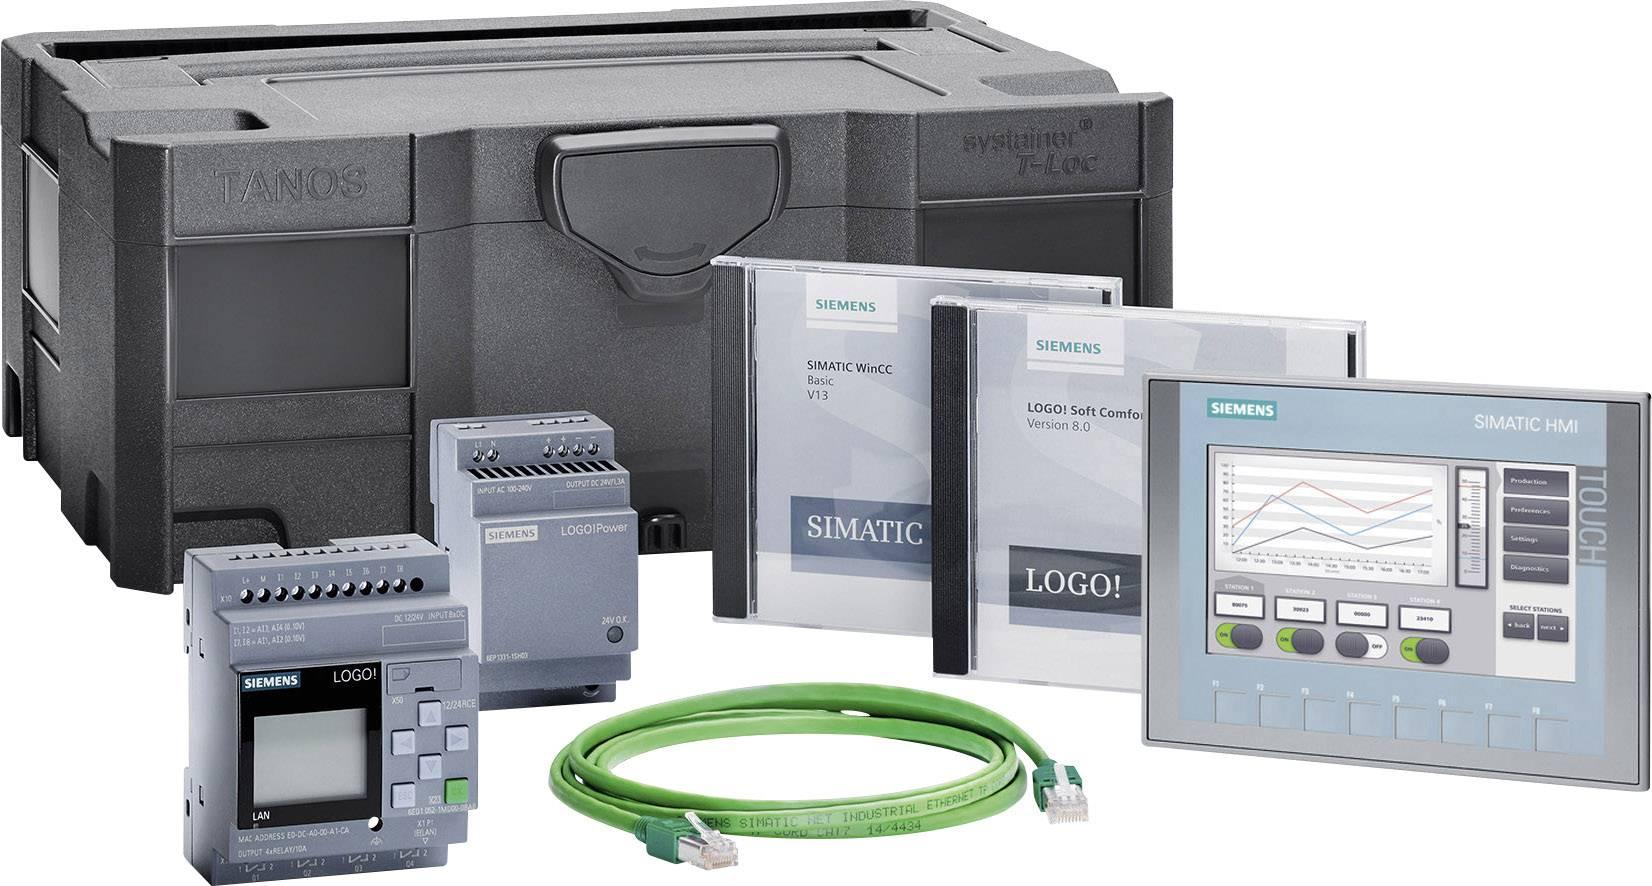 Štartovacia súprava Siemens LOGO! KTP700 BASIC STARTER LOGO! 12/24RCE 6AV2132-3GB00-0AA1